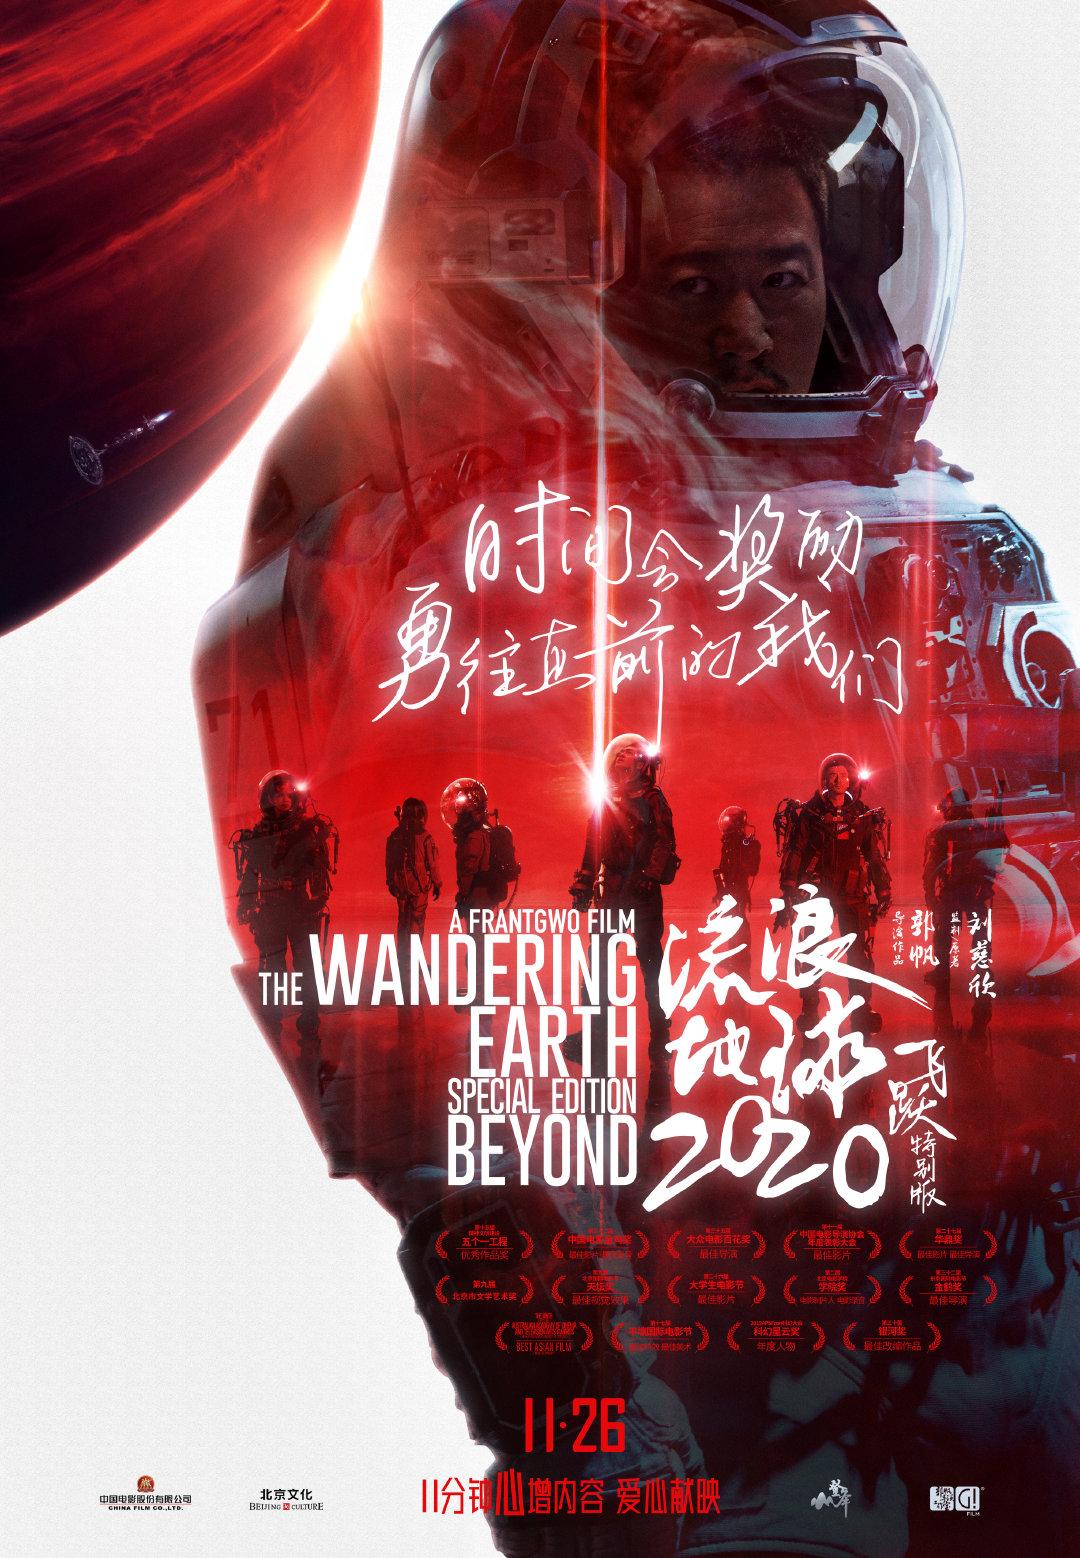 《漂泊地球:腾跃2020特别版》今天上映 正式预告发布